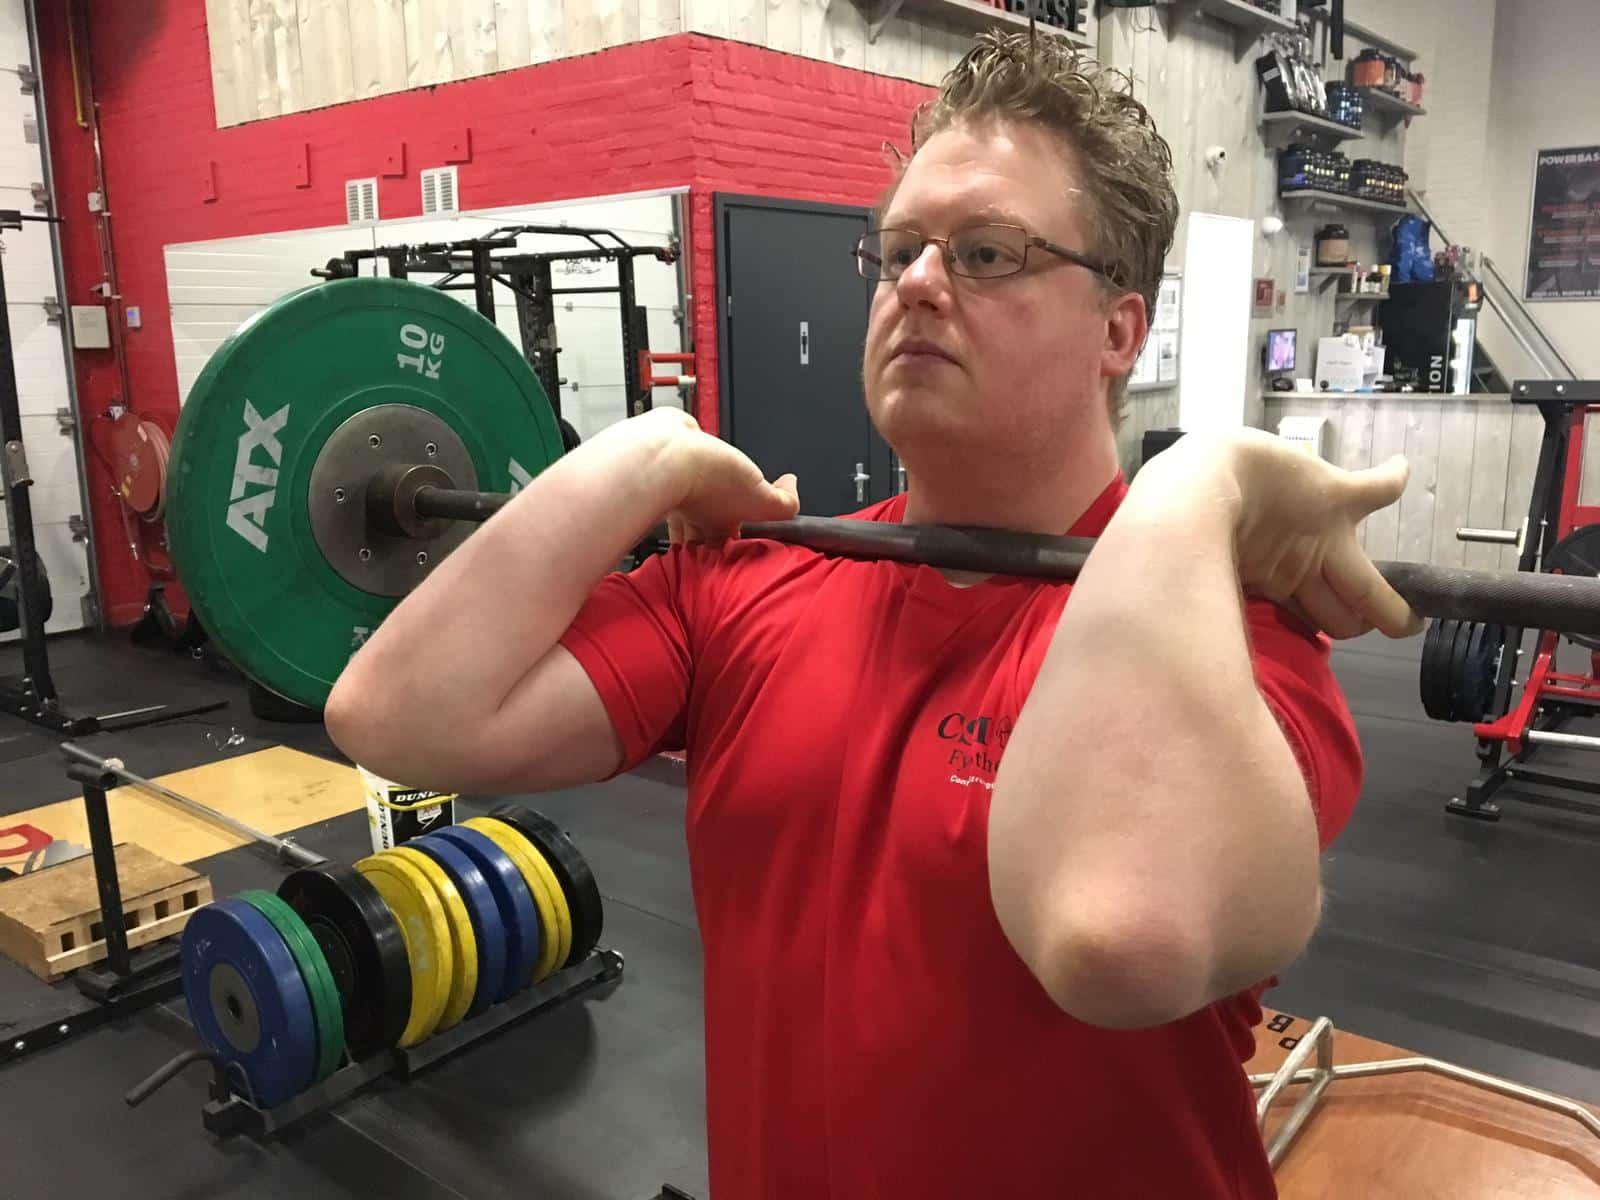 Front squatg csm fysiotherapie